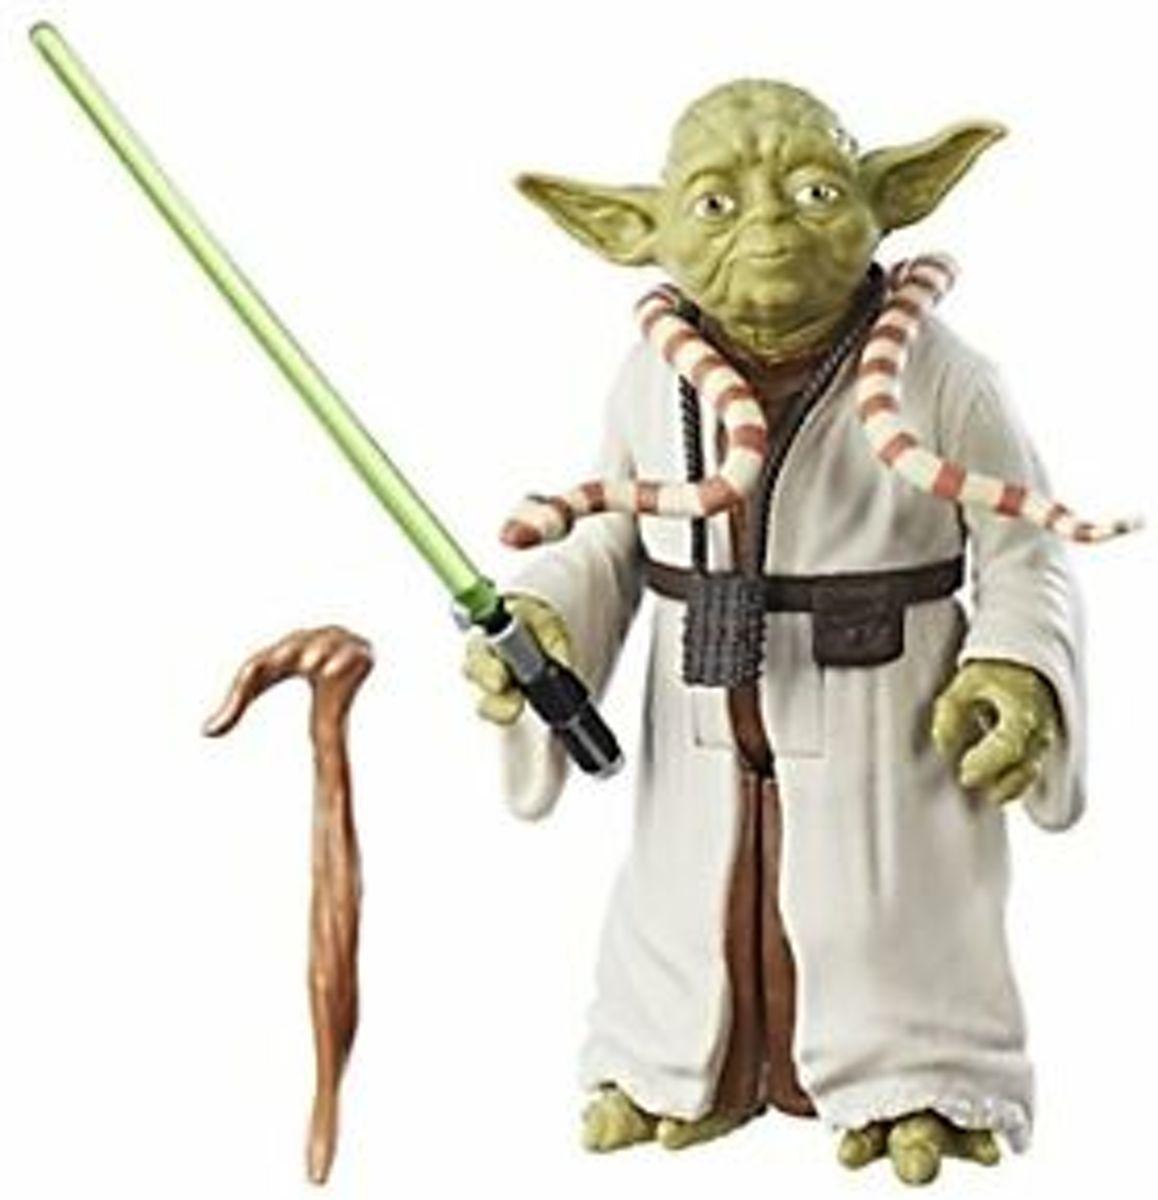 Star Wars Yoda - speelfiguur - Hasbro Disney